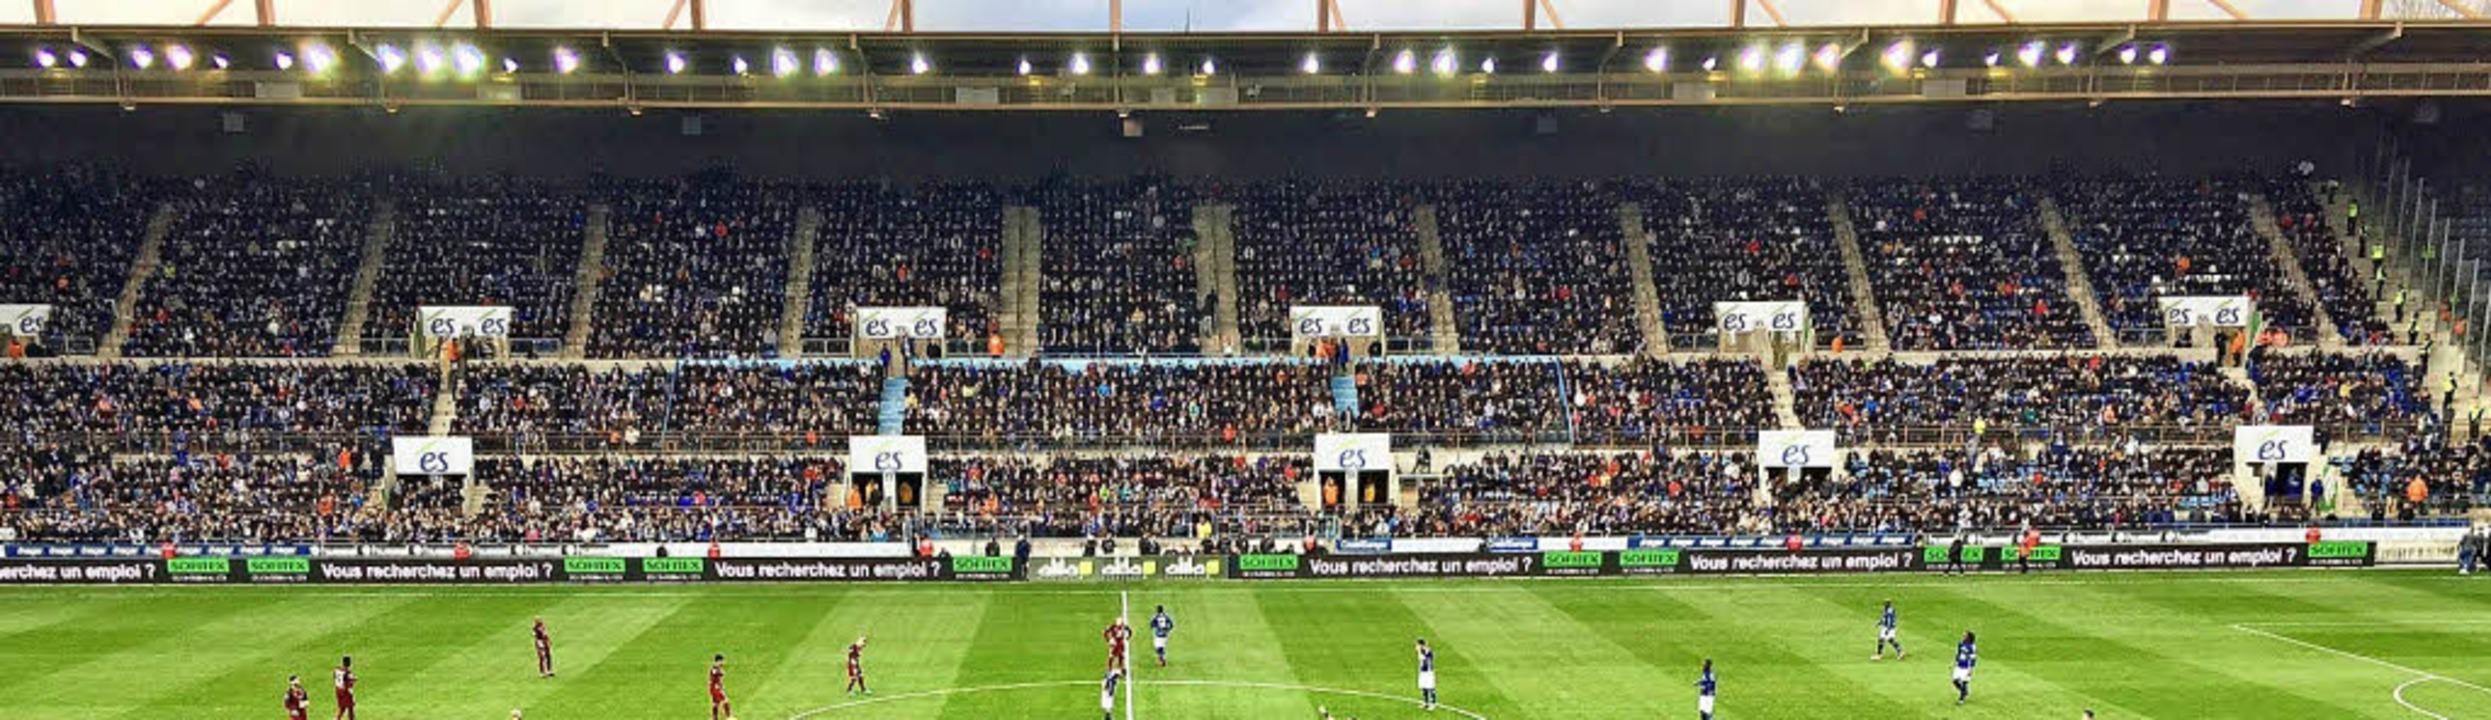 Das Meinau-Stadion genügt den Ansprüchen nicht mehr.   | Foto:  Philipp Cleiss